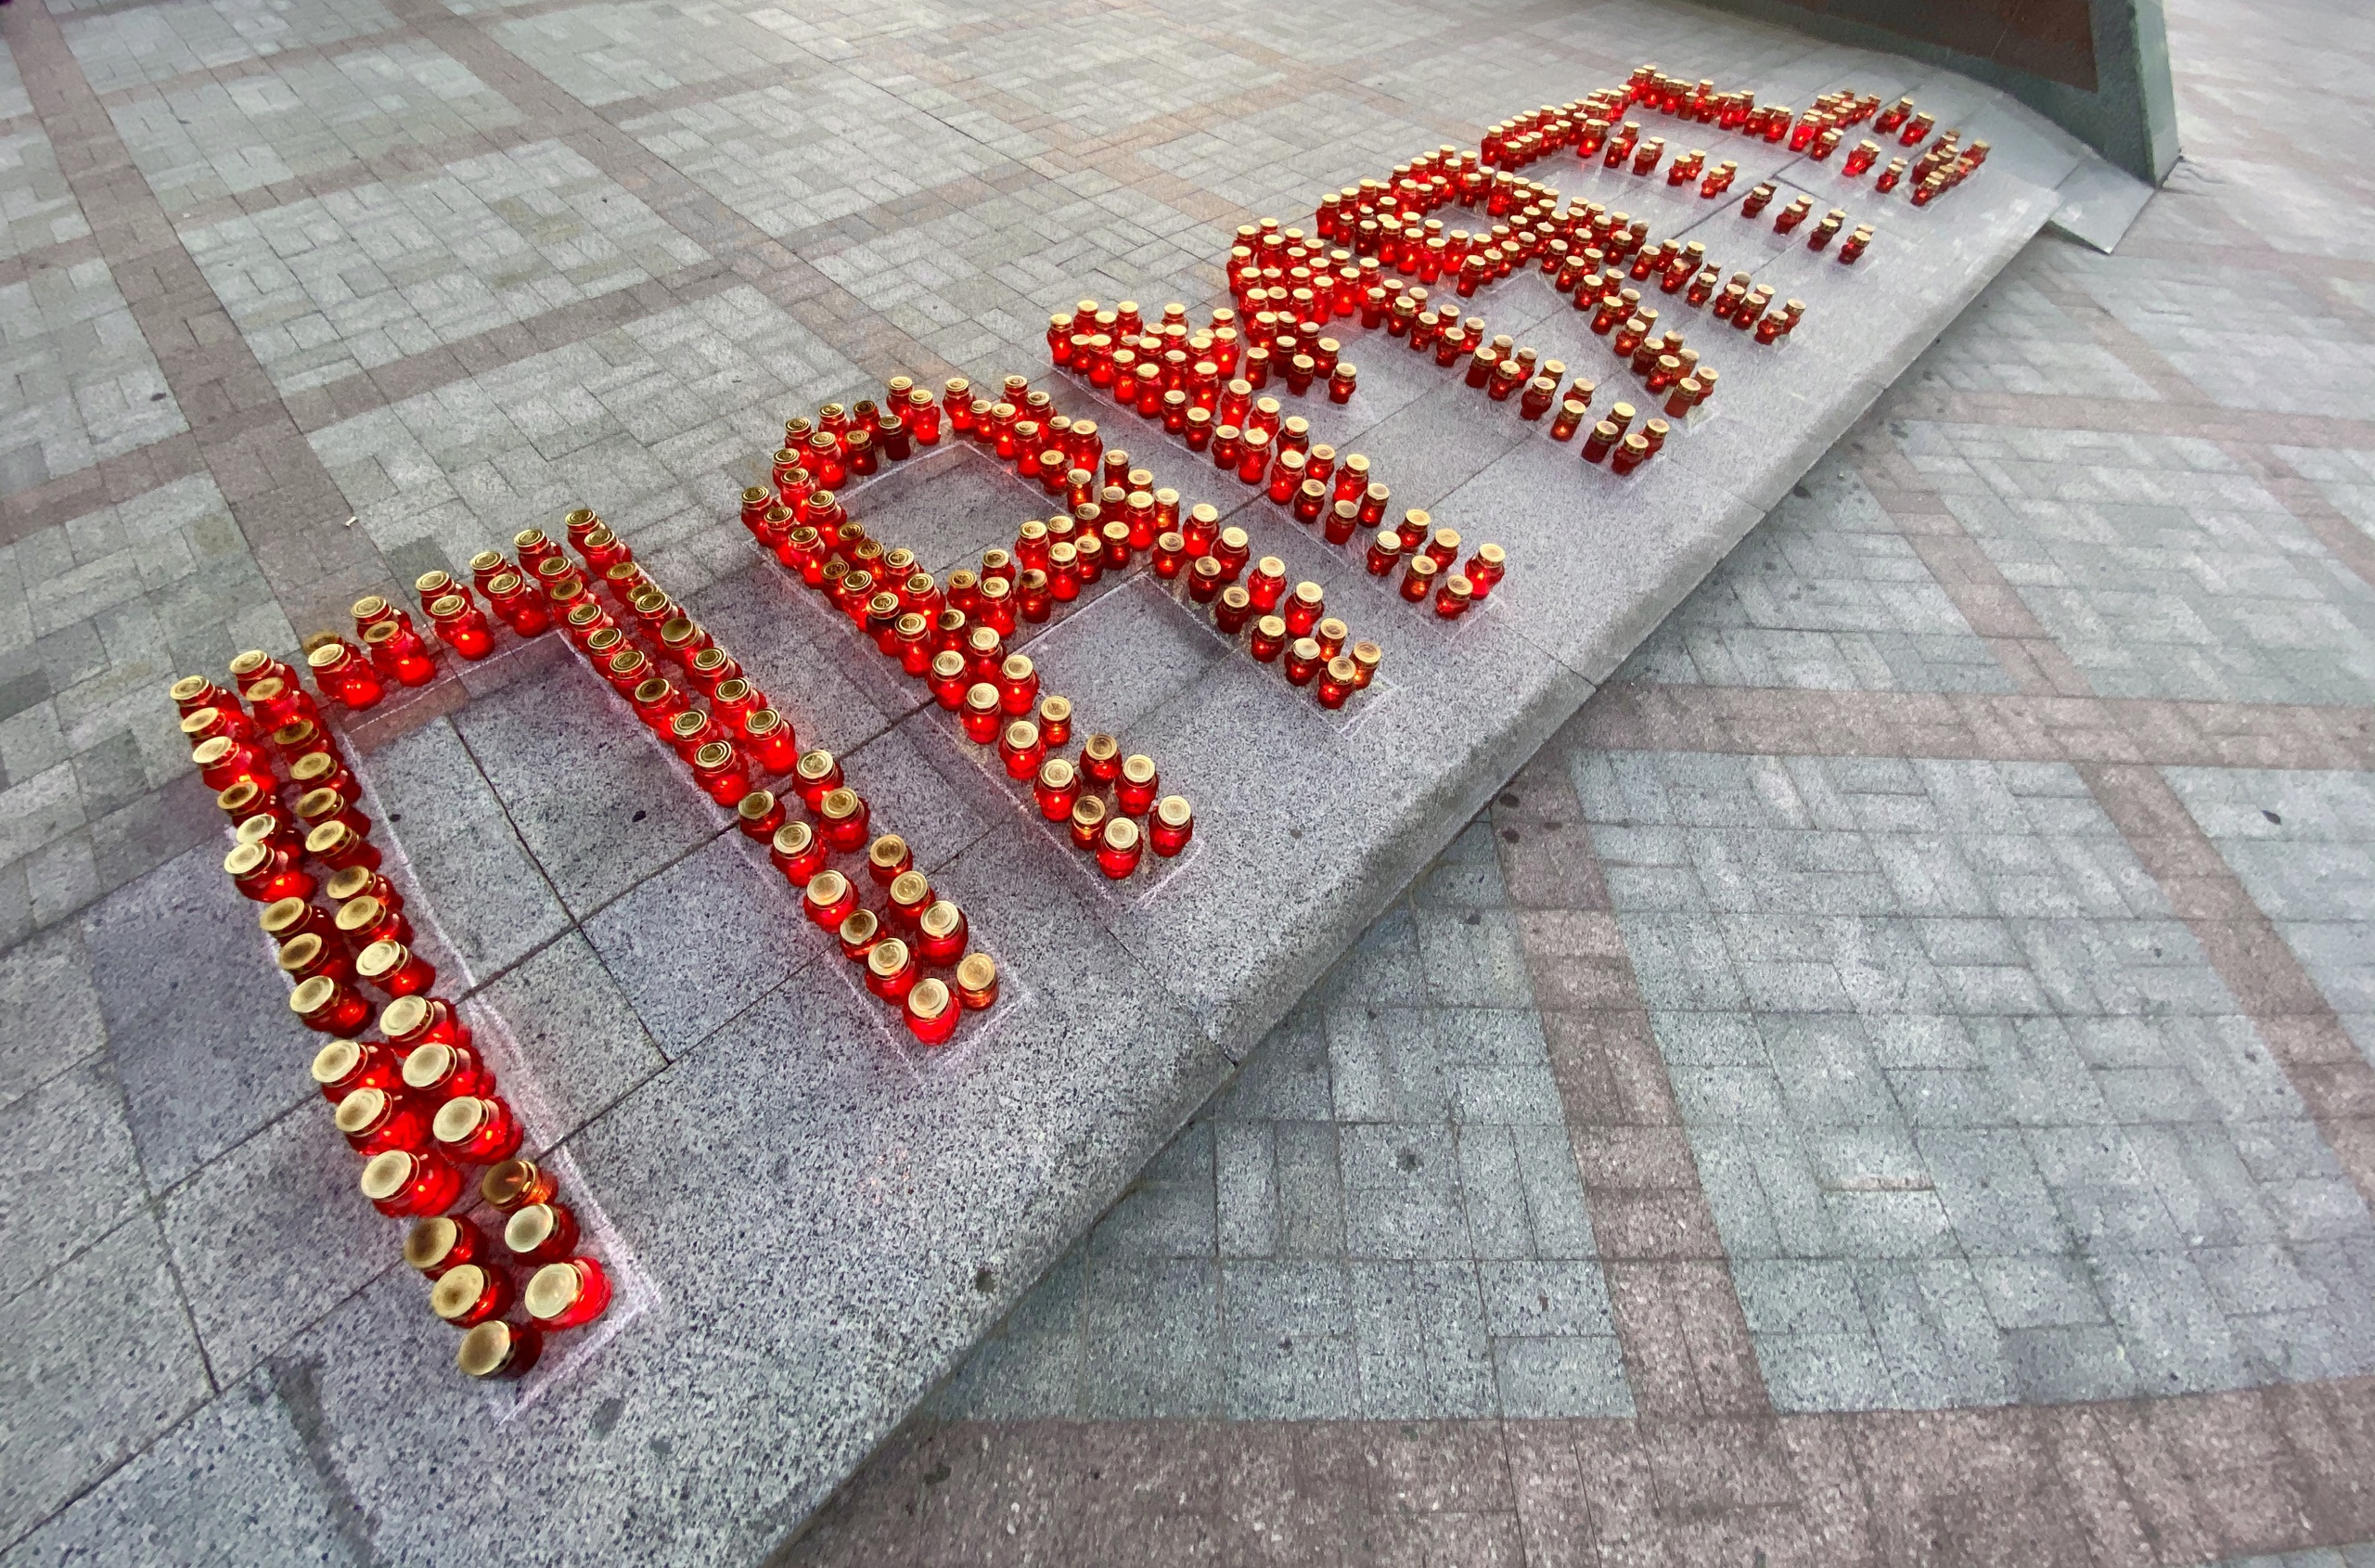 22 июня в Тверской области тысячи огней напомнят о войне